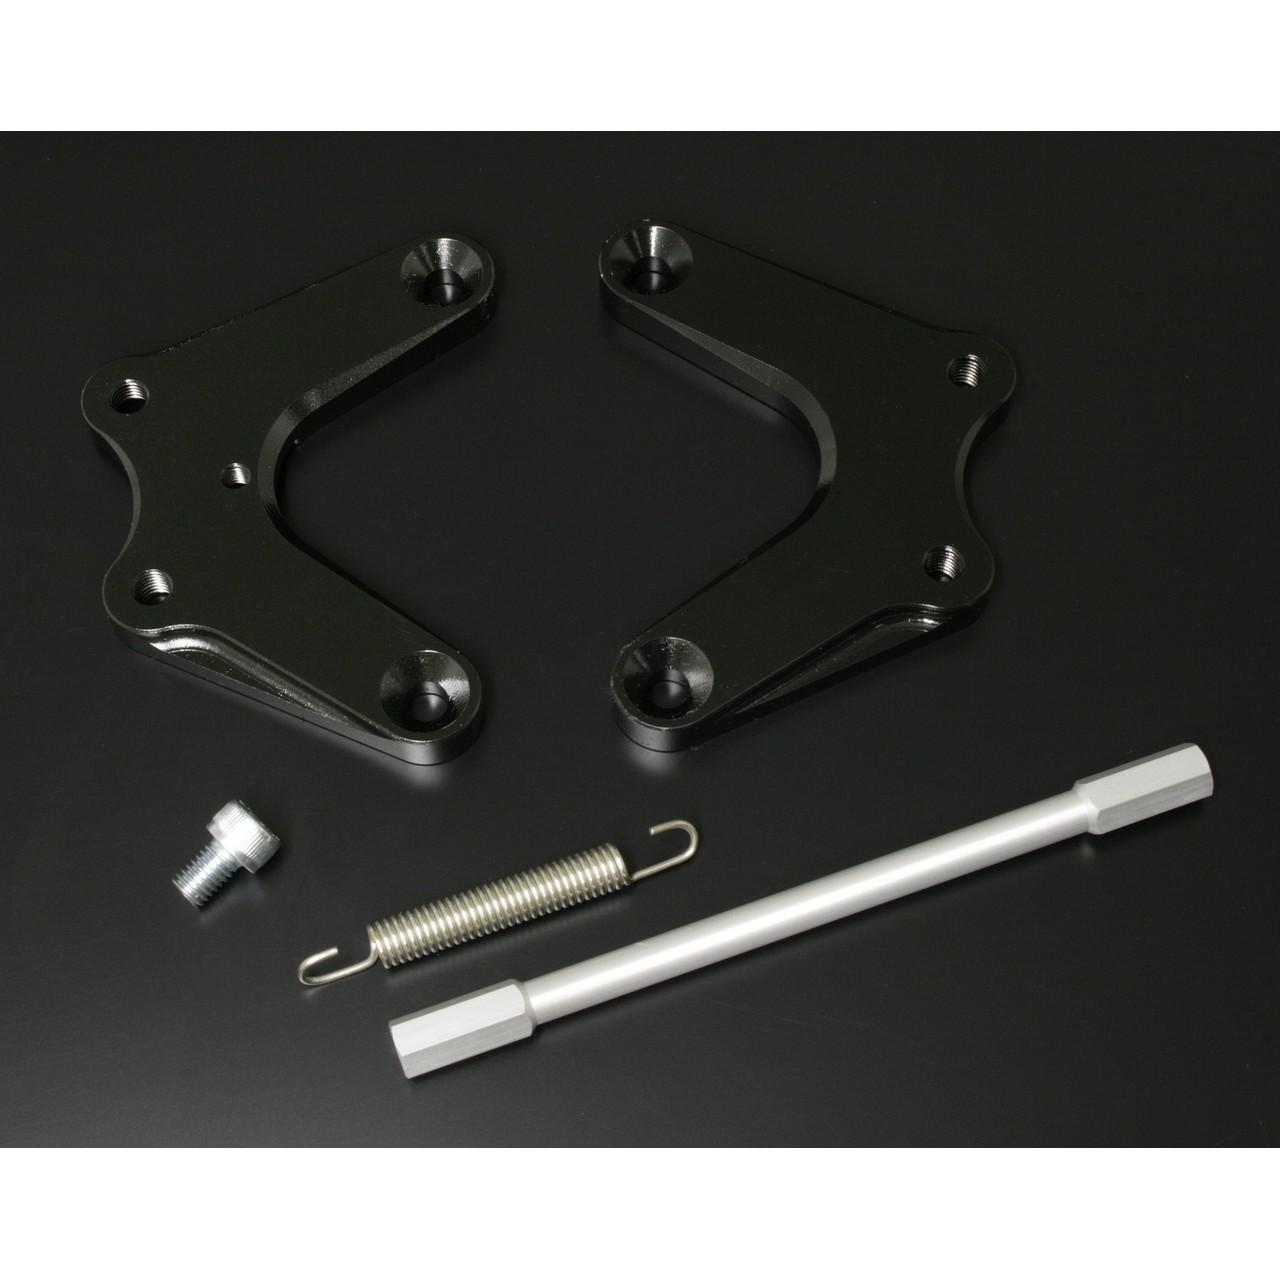 【G-Craft】腳踏後移套件專用位置改變固定板 - 「Webike-摩托百貨」